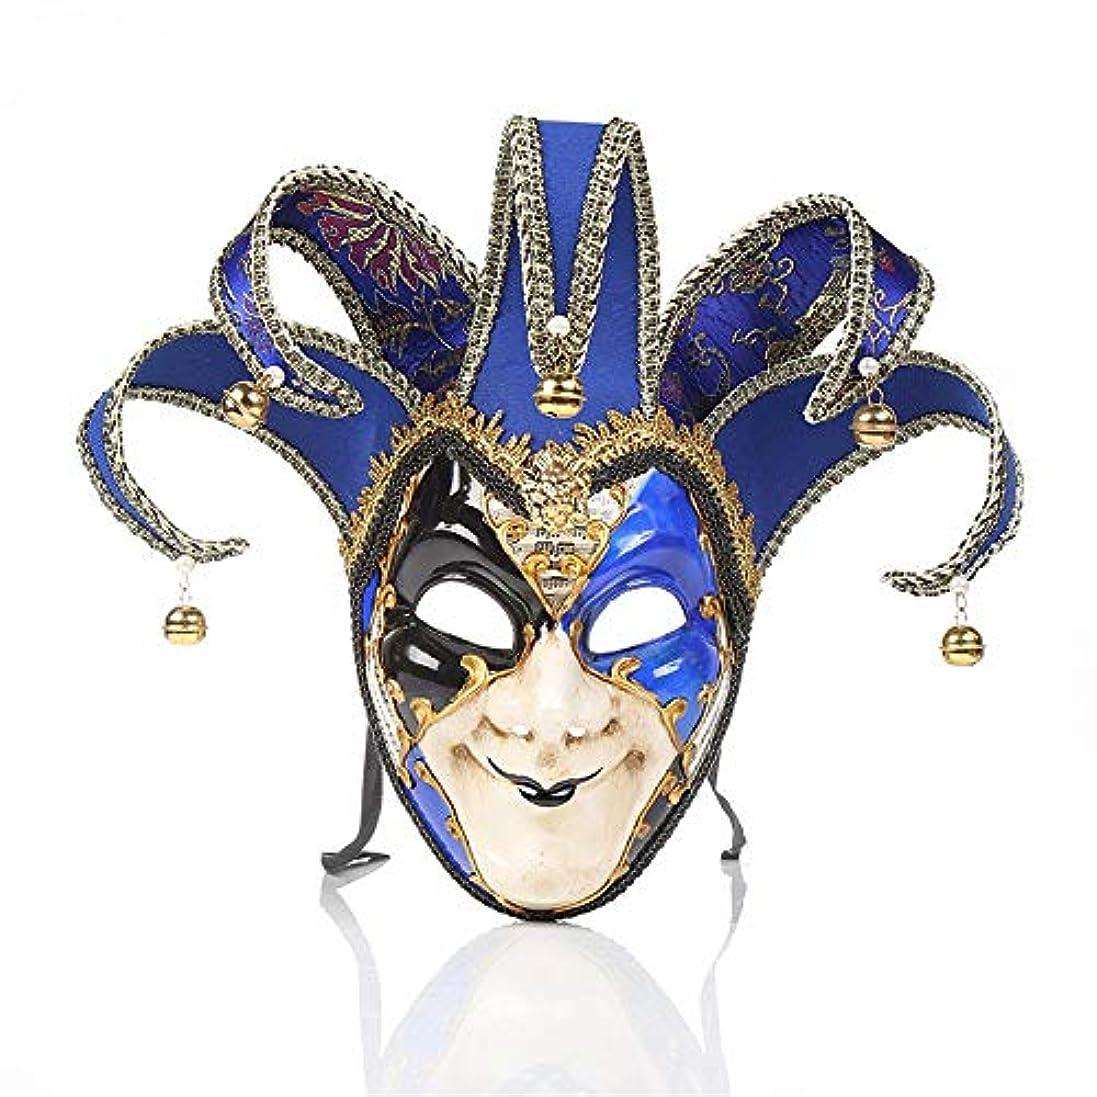 ダンスマスク ピエロマスクハロウィーンパフォーマンスパフォーマンス仮面舞踏会雰囲気用品祭りロールプレイングプラスチックマスク ホリデーパーティー用品 (色 : 青, サイズ : 39x33cm)